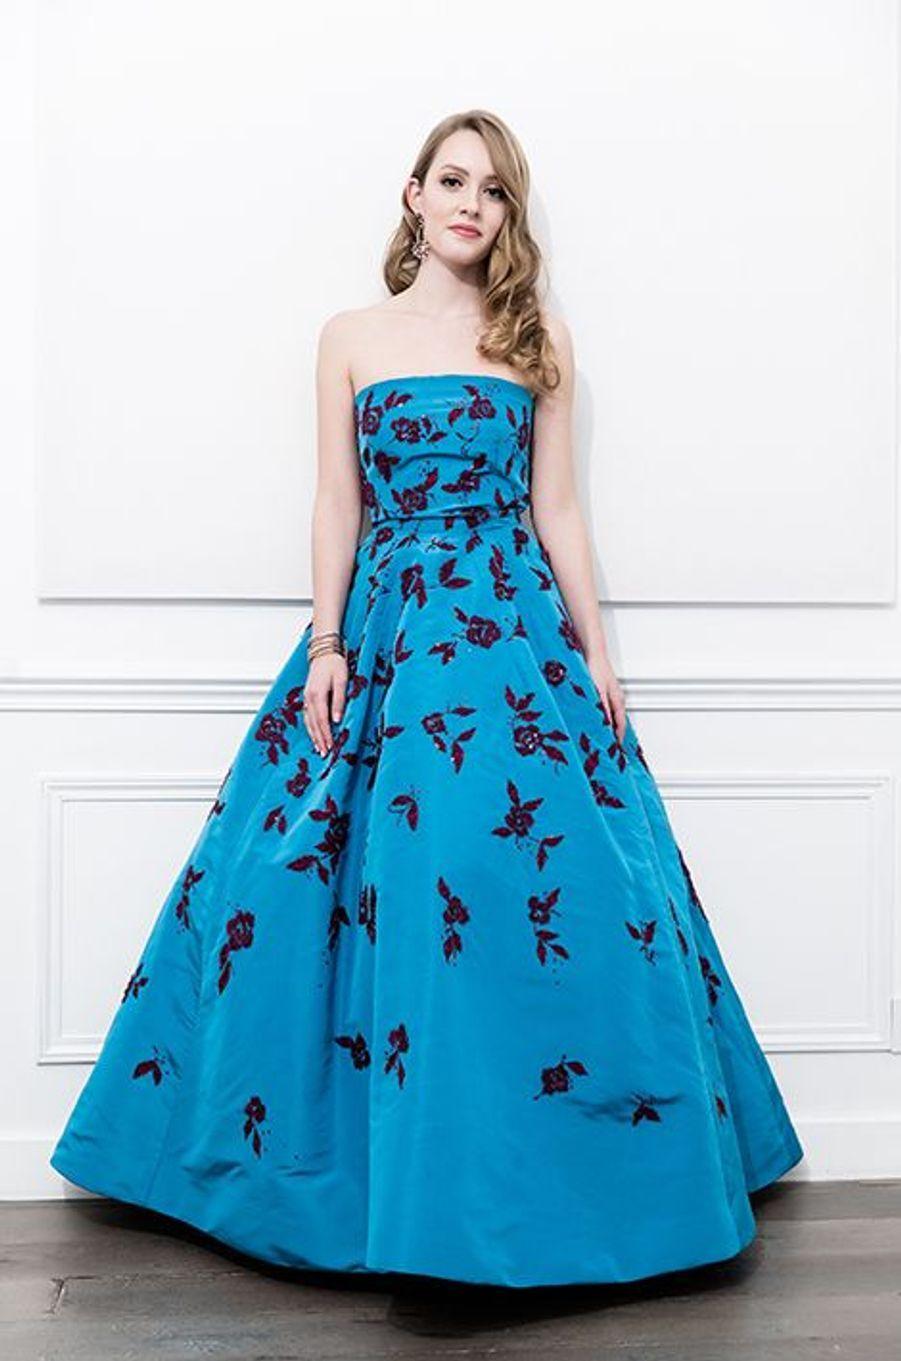 Skye McCaw (USA) en robe Oscar de la Renta, bijoux Payal New York